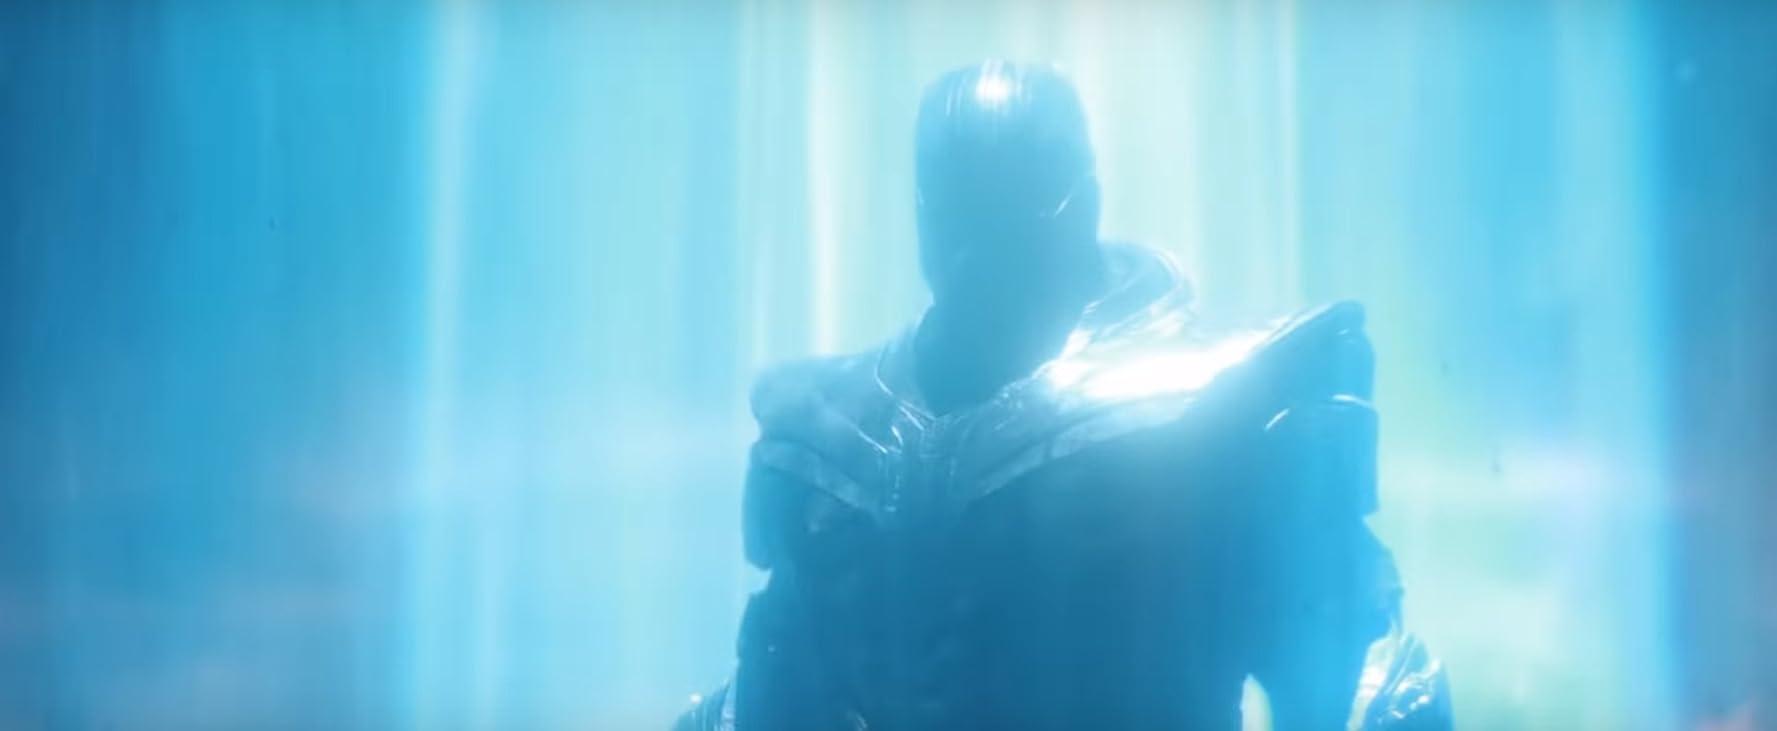 Josh Brolin in Avengers: Endgame (2019)